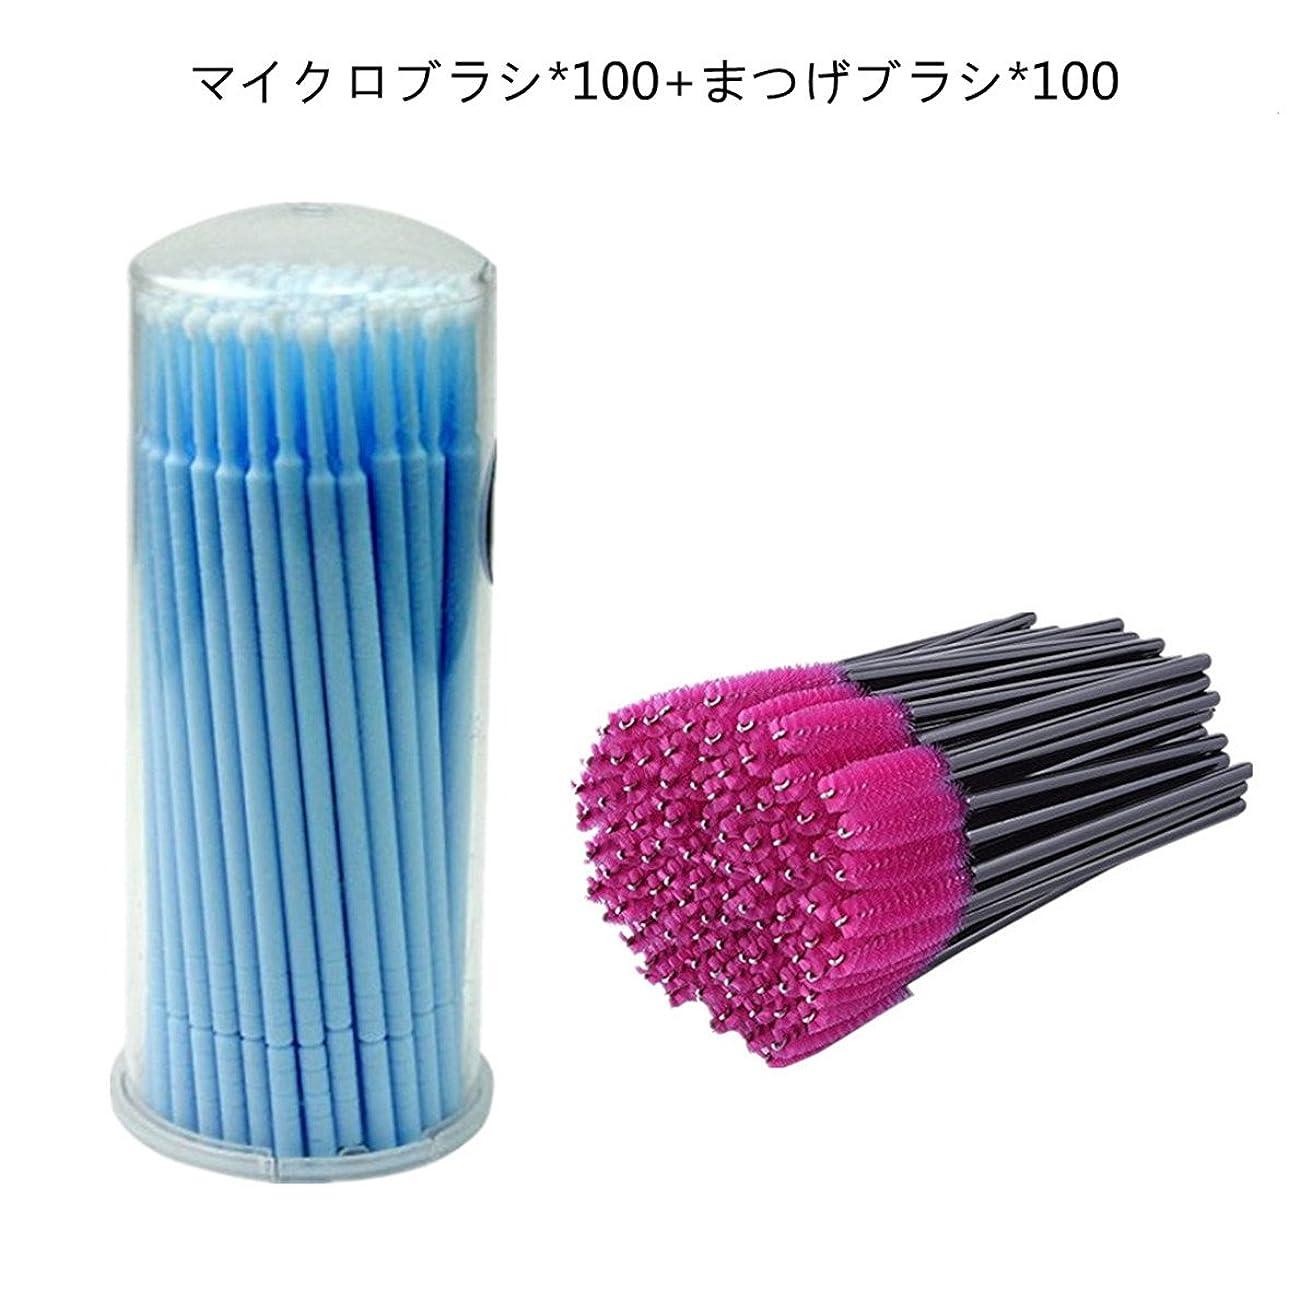 アクセサリーアマチュアシルエットKingsie まつげブラシ マイクブラシ 使い捨て スクリューブラシ マスカラブラシ マイクロスティック 極細綿棒 エクステ用 メイクブラシ 200本セット